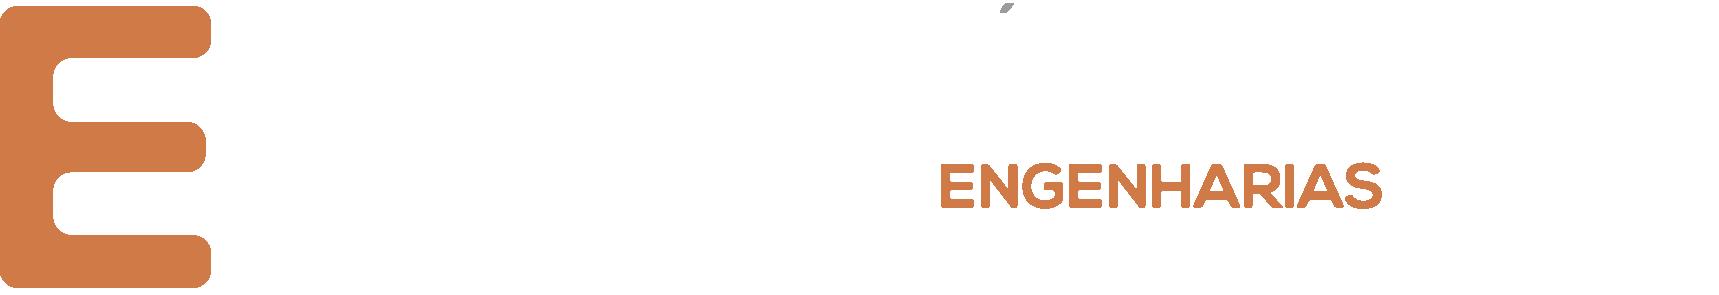 epic-logo-texto